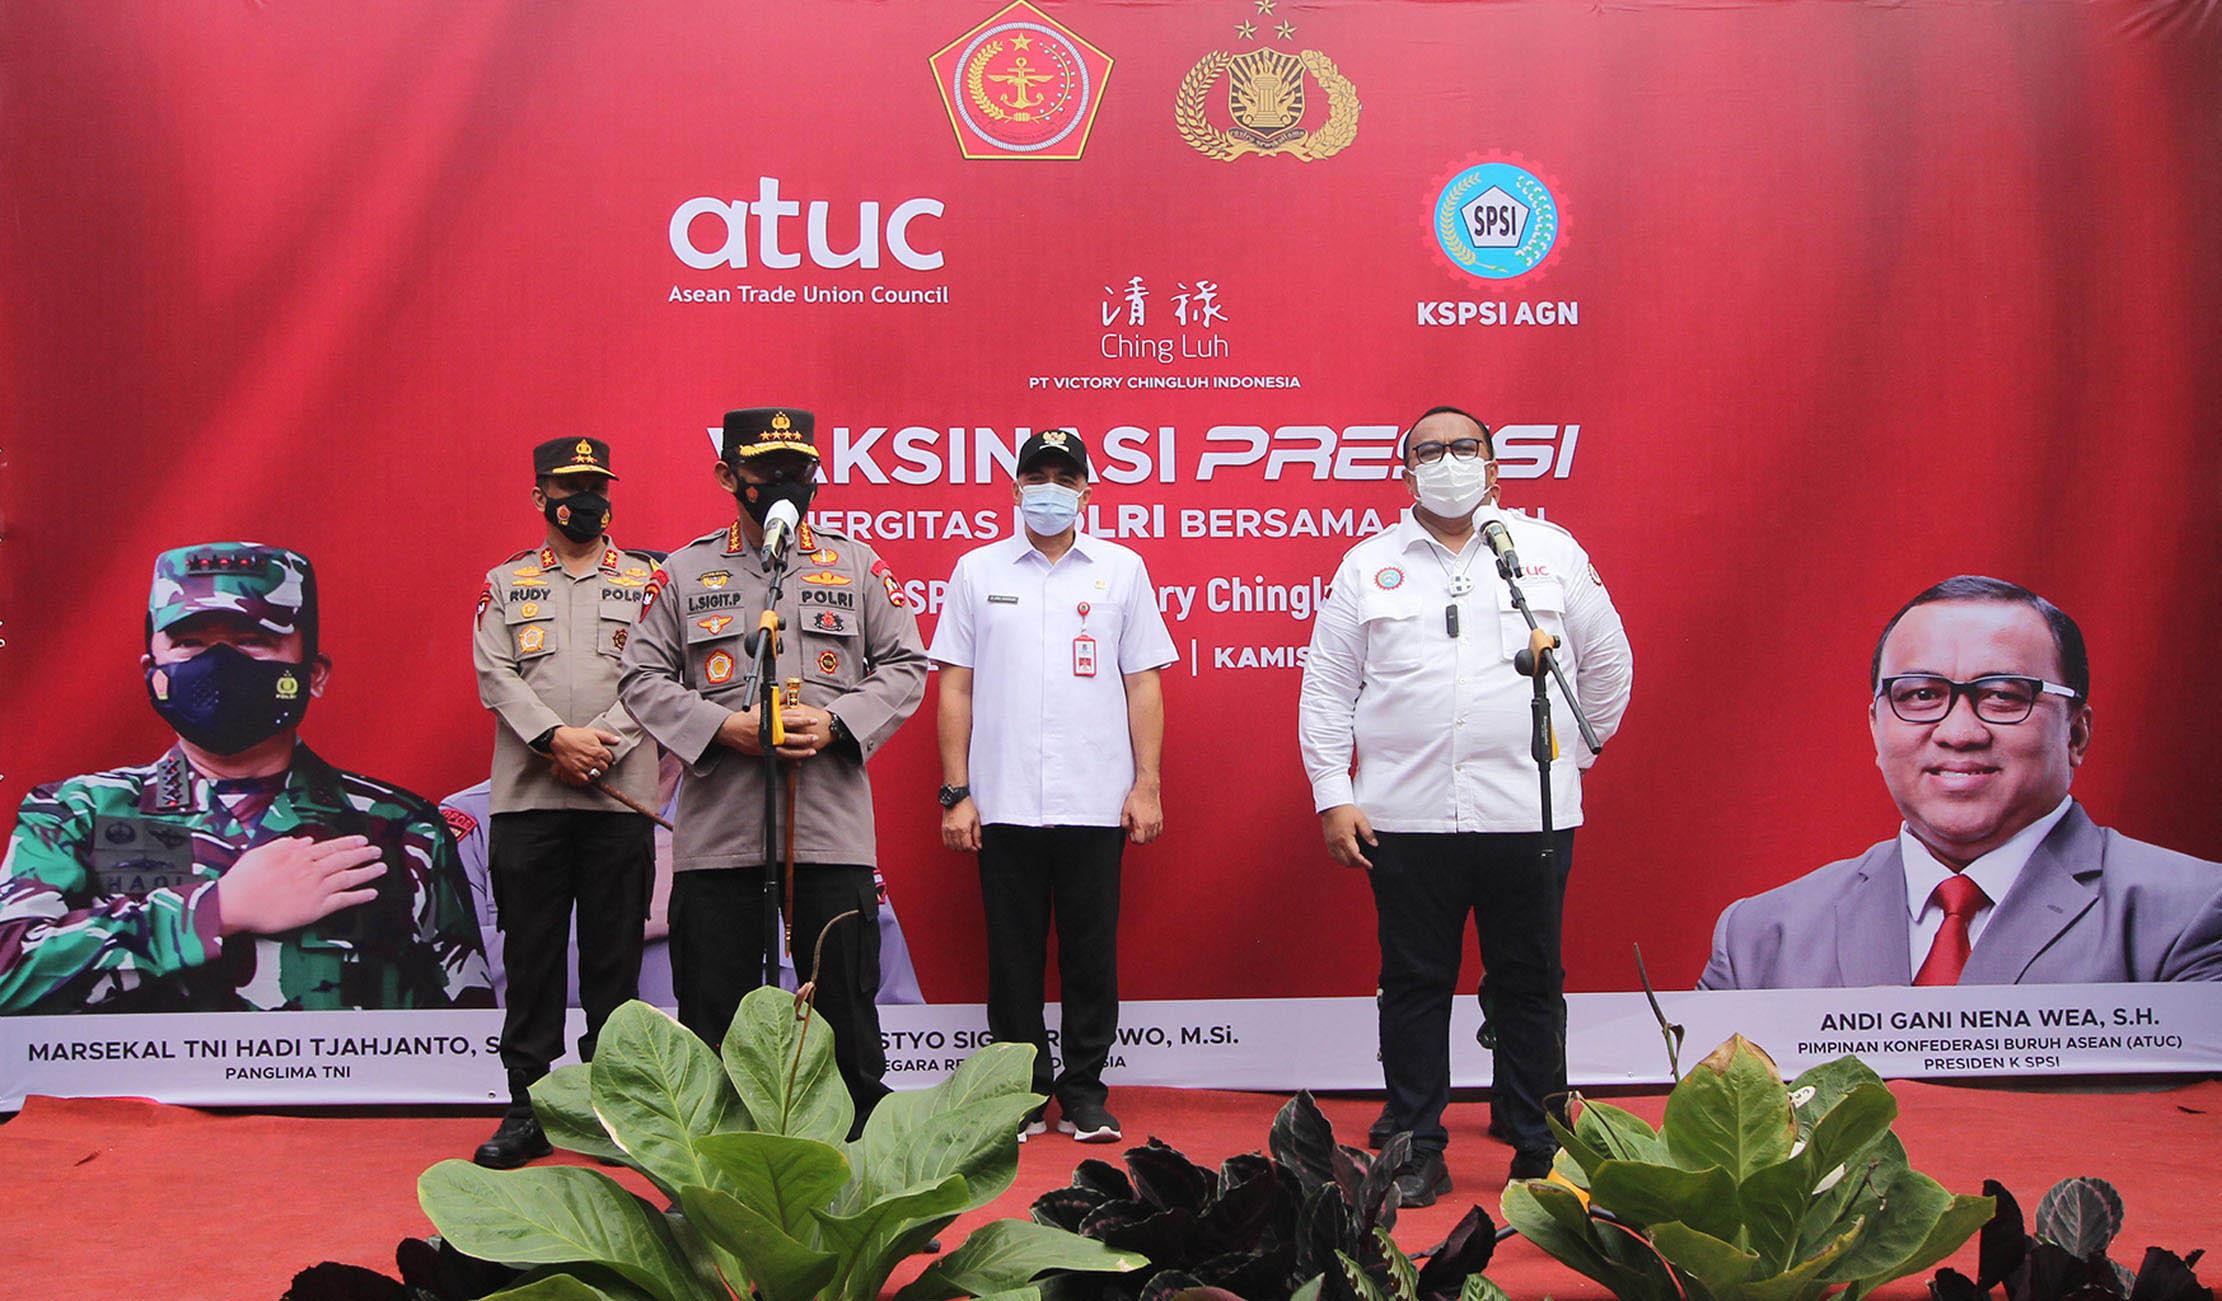 Kapolri  Dan Presiden KSPSI Tinjau Vaksinasi Buruh Tangerang